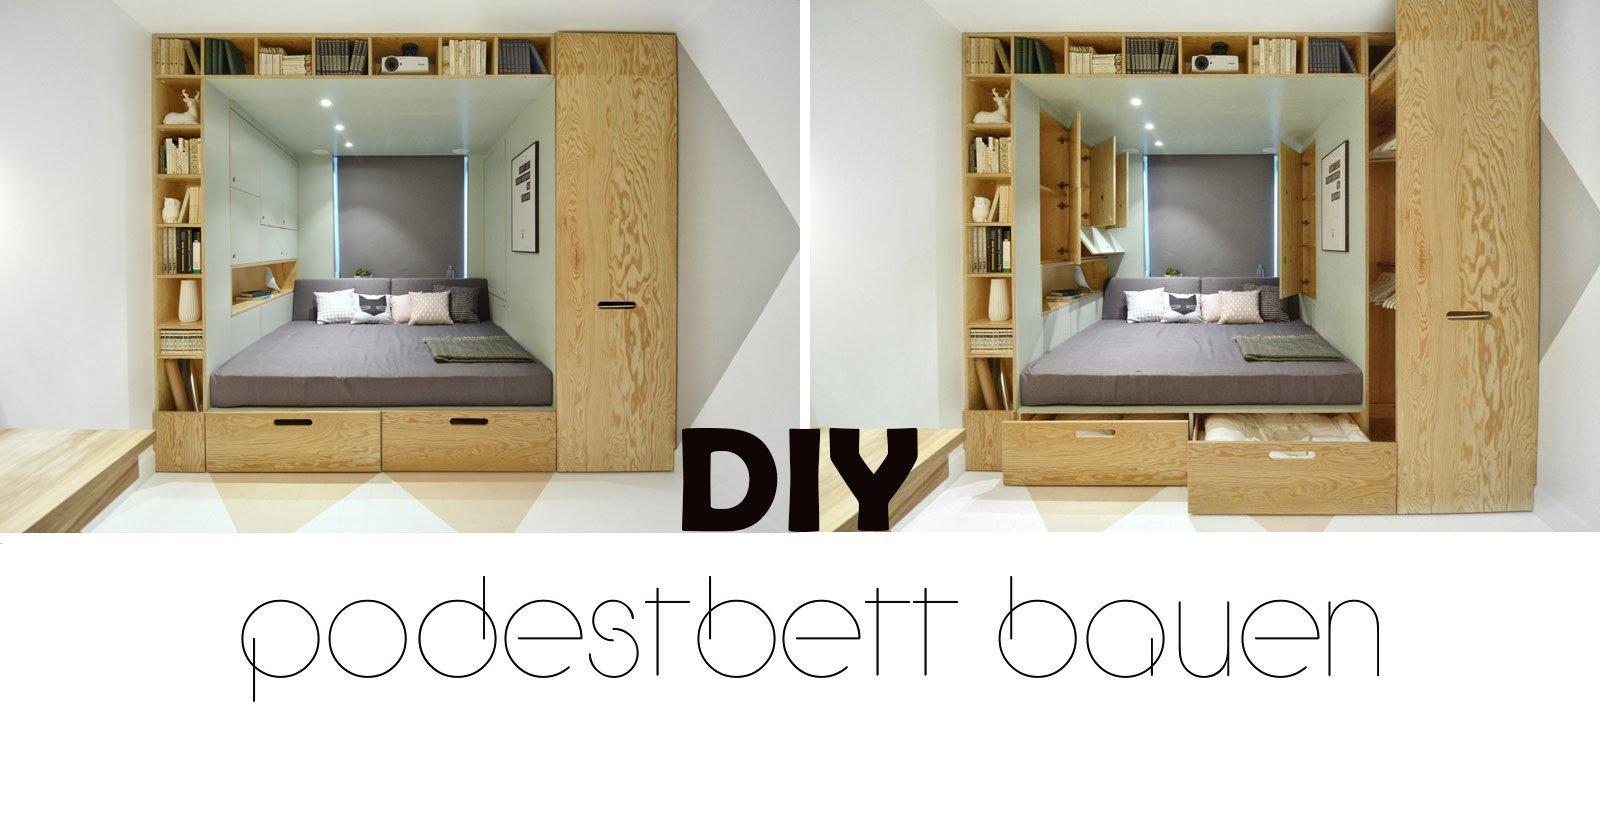 ein Podestbett bauen